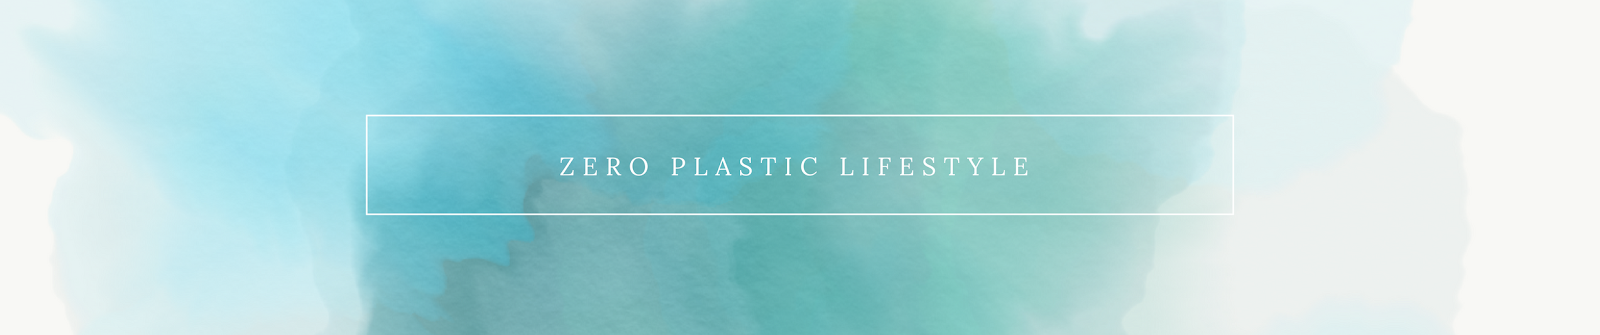 Zero Plastic Lifestyle